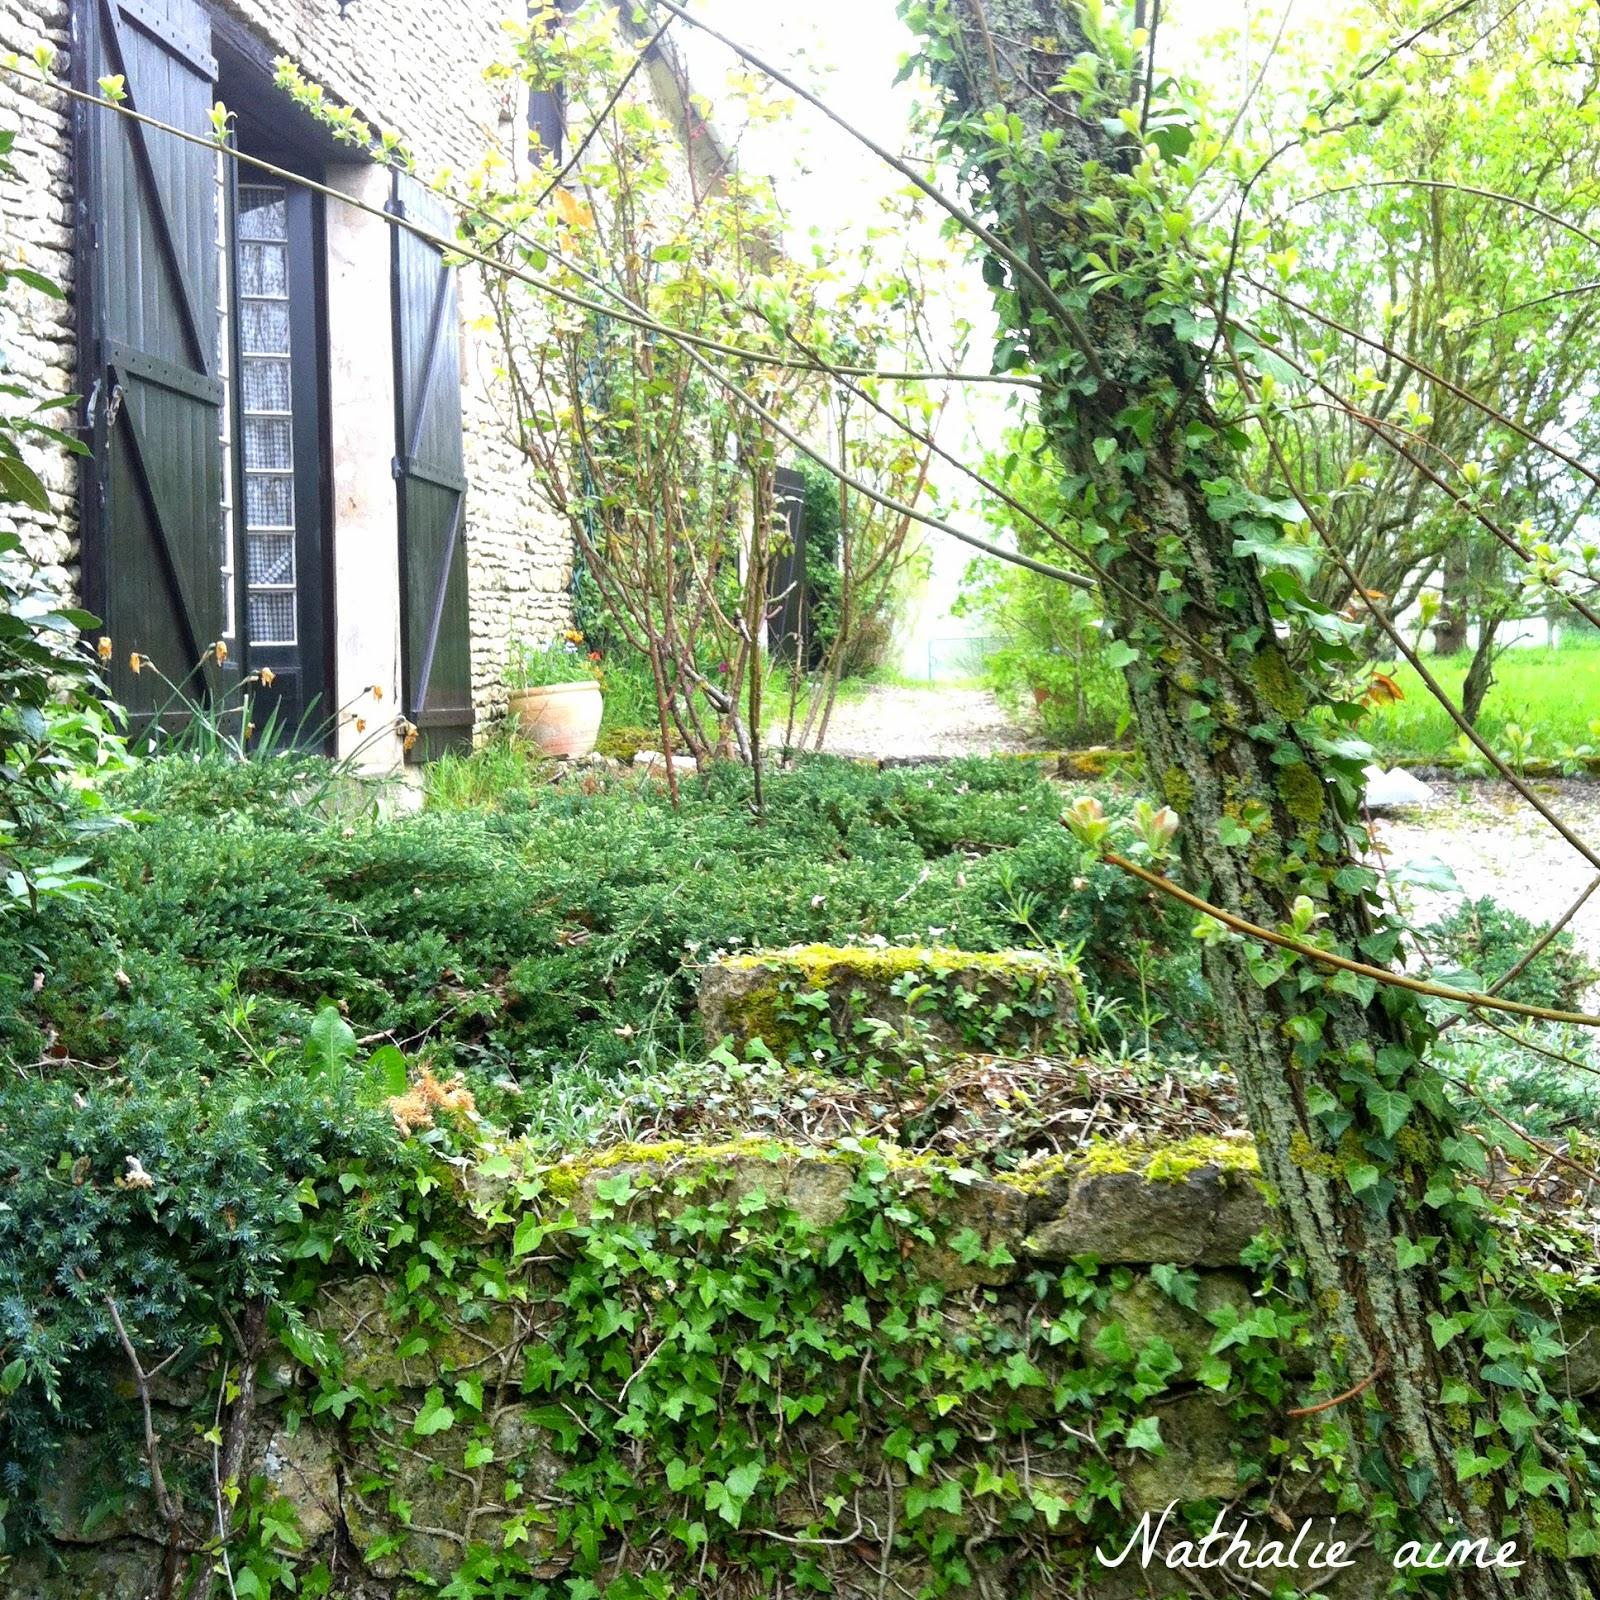 Nathalie m dans mon jardin normand il y a for Le jardin normand